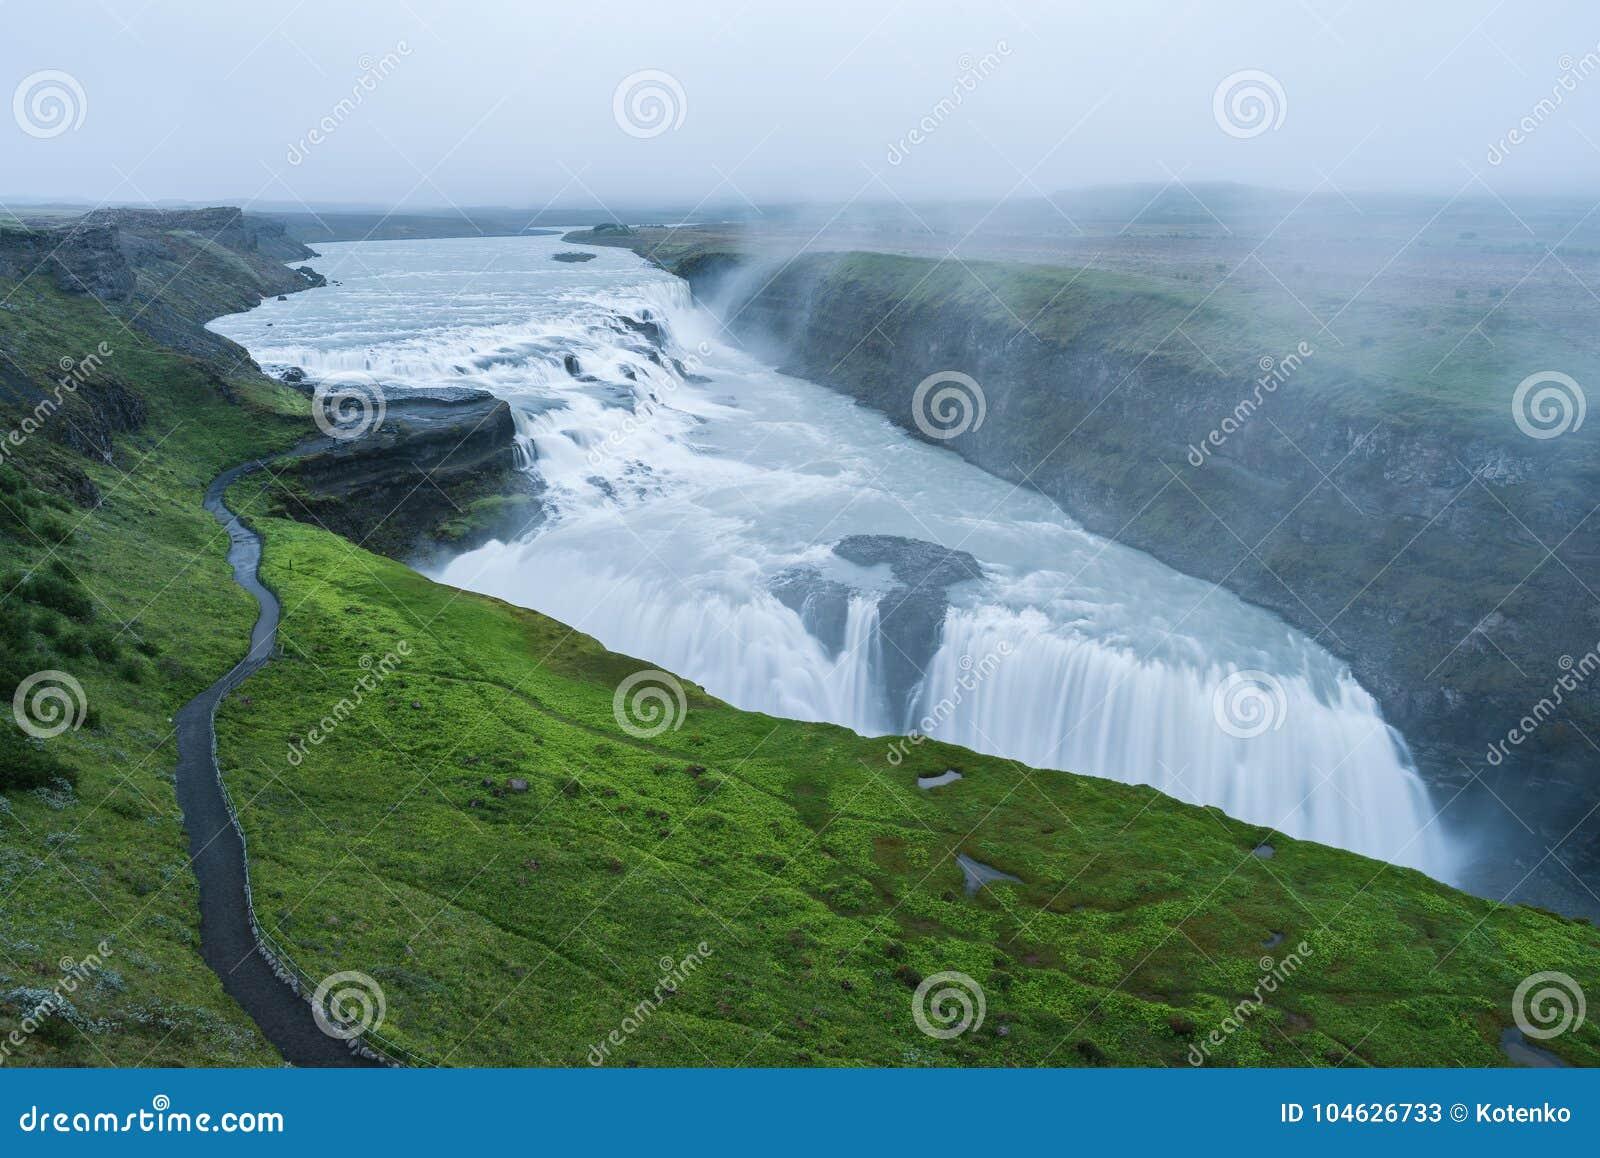 Download Gullfosswaterval, Toeristische Attractie Van IJsland Stock Afbeelding - Afbeelding bestaande uit cascade, ijsland: 104626733